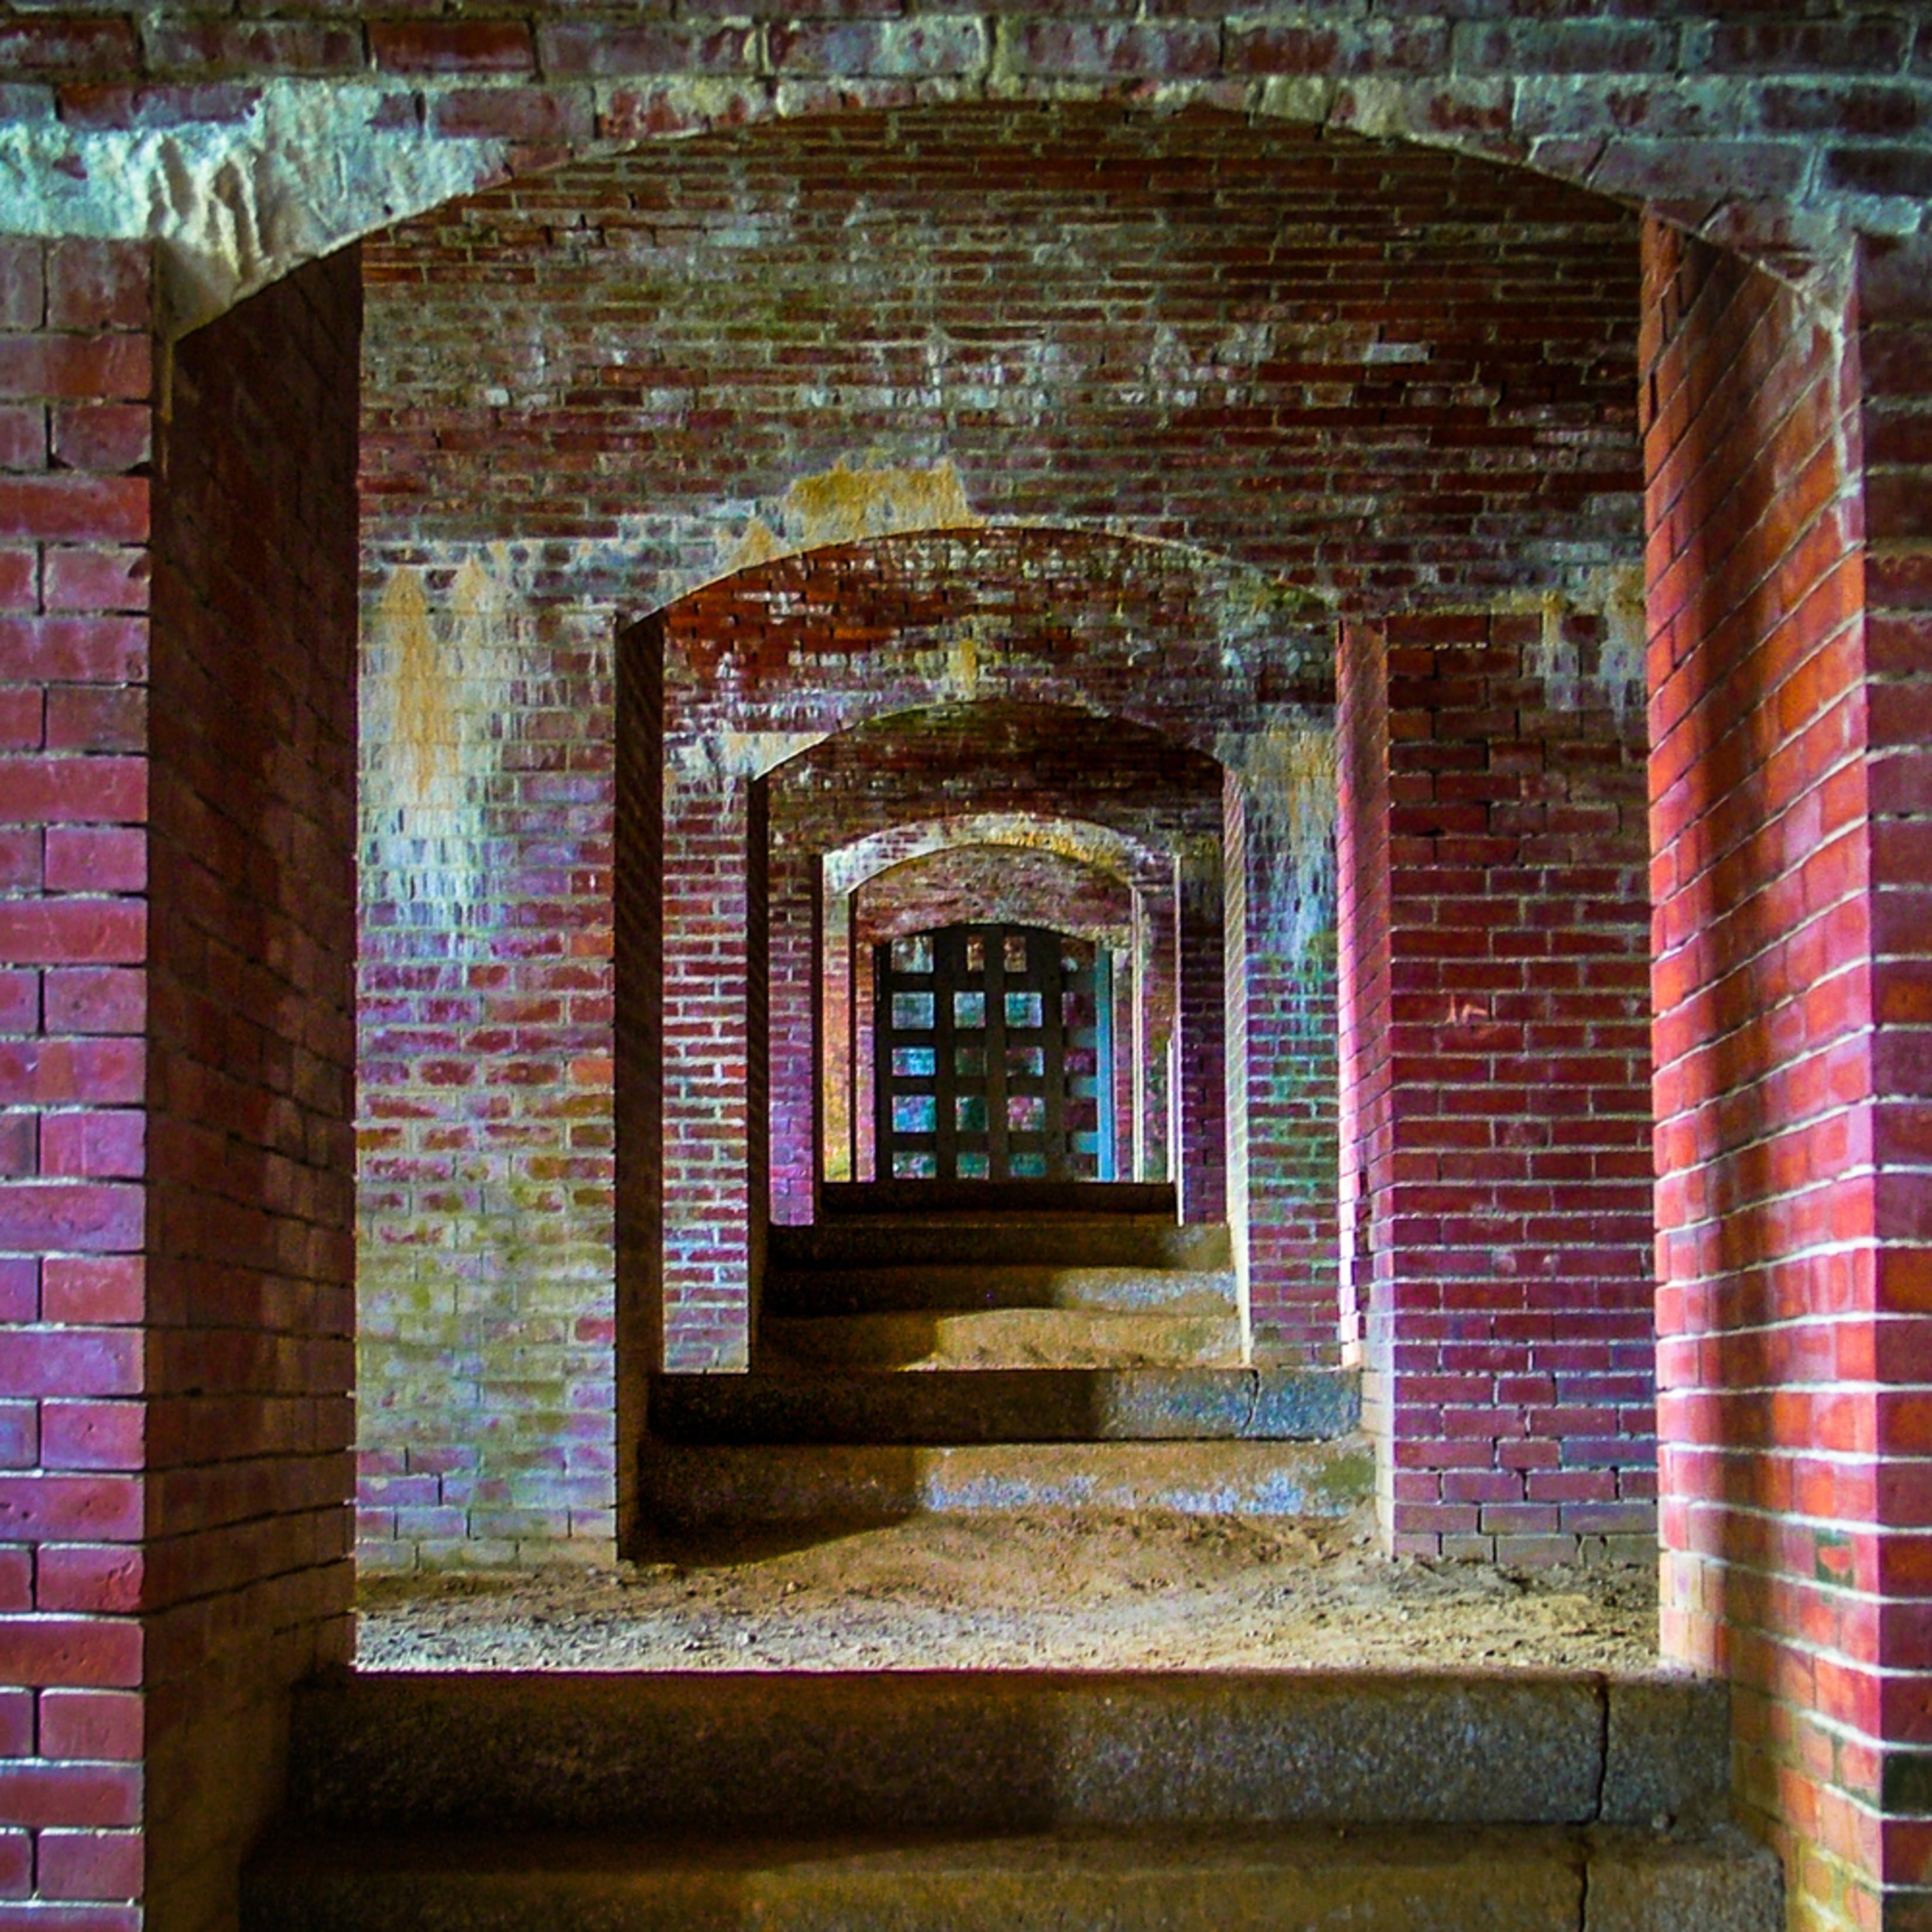 Halls of fort knox y64cru